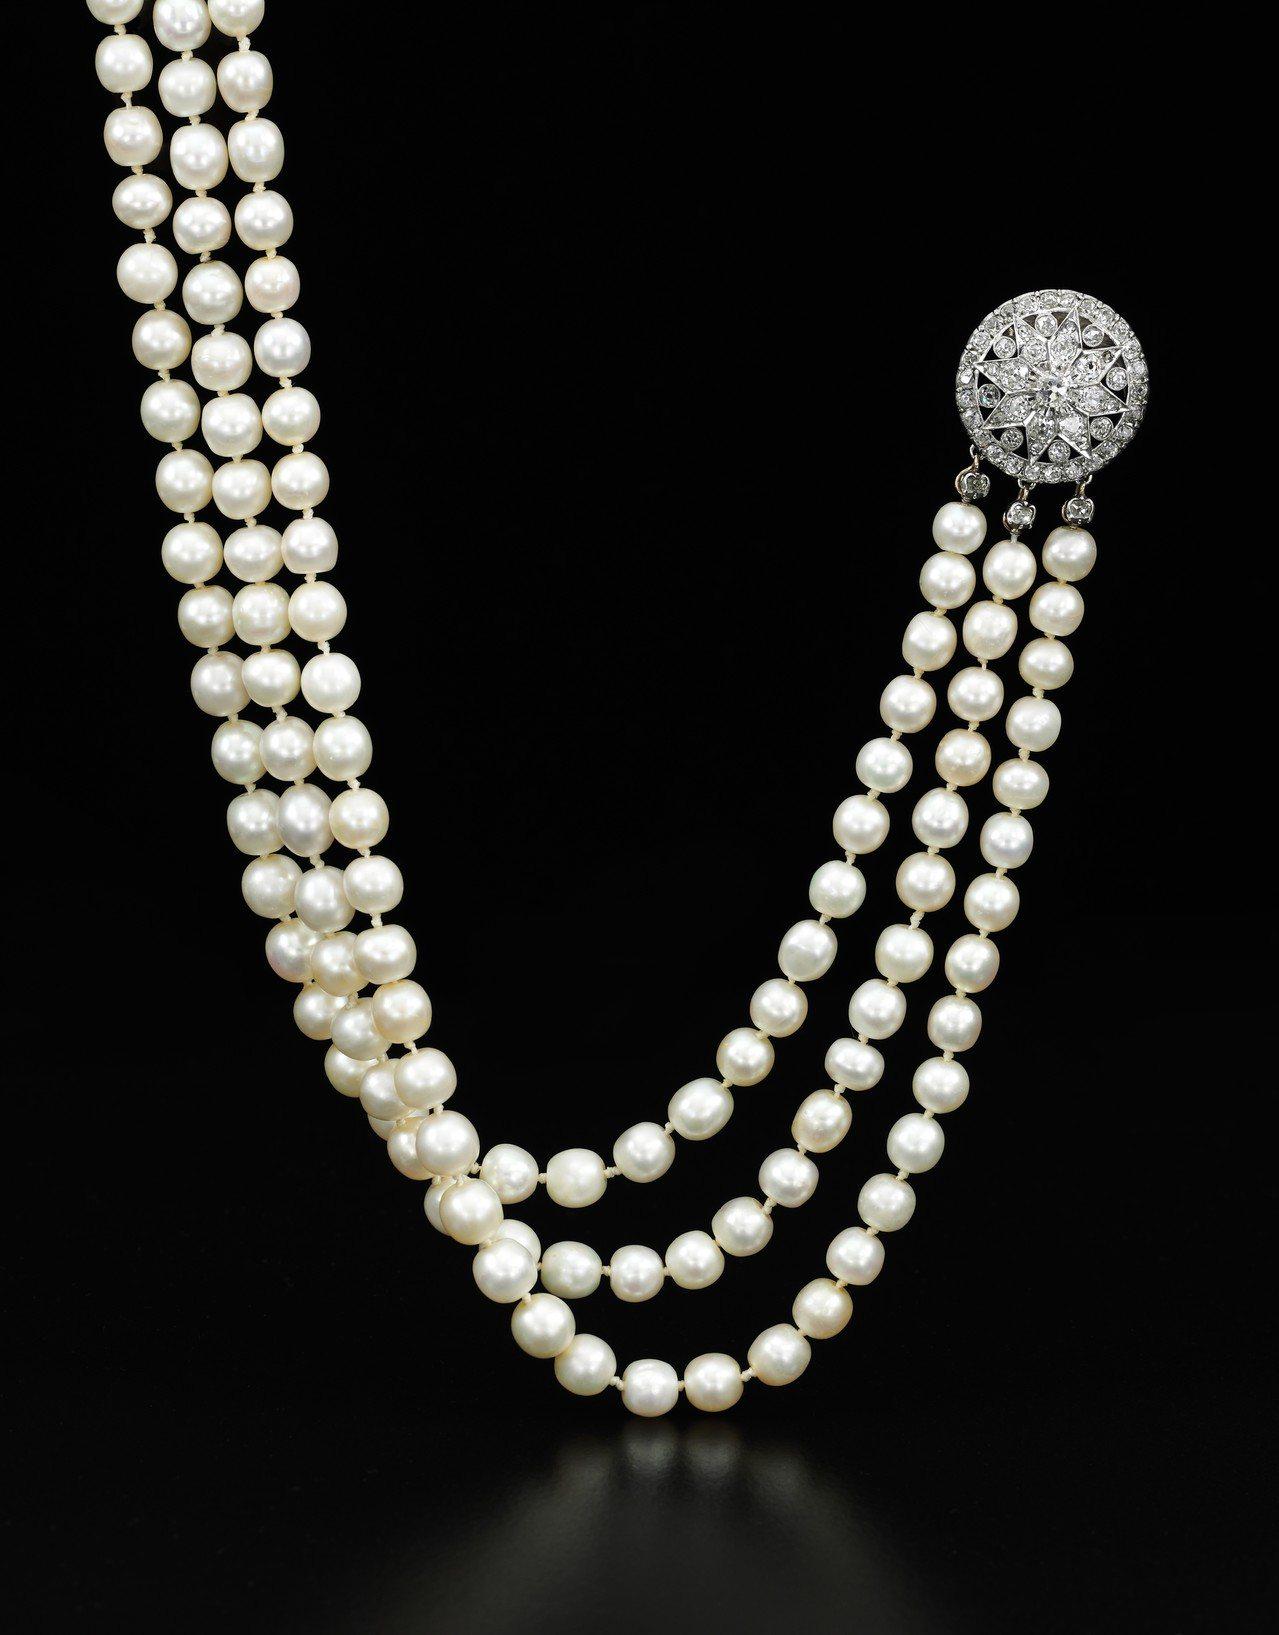 天然珍珠與鑽石項鍊,估價約600萬元起。圖/蘇富比提供